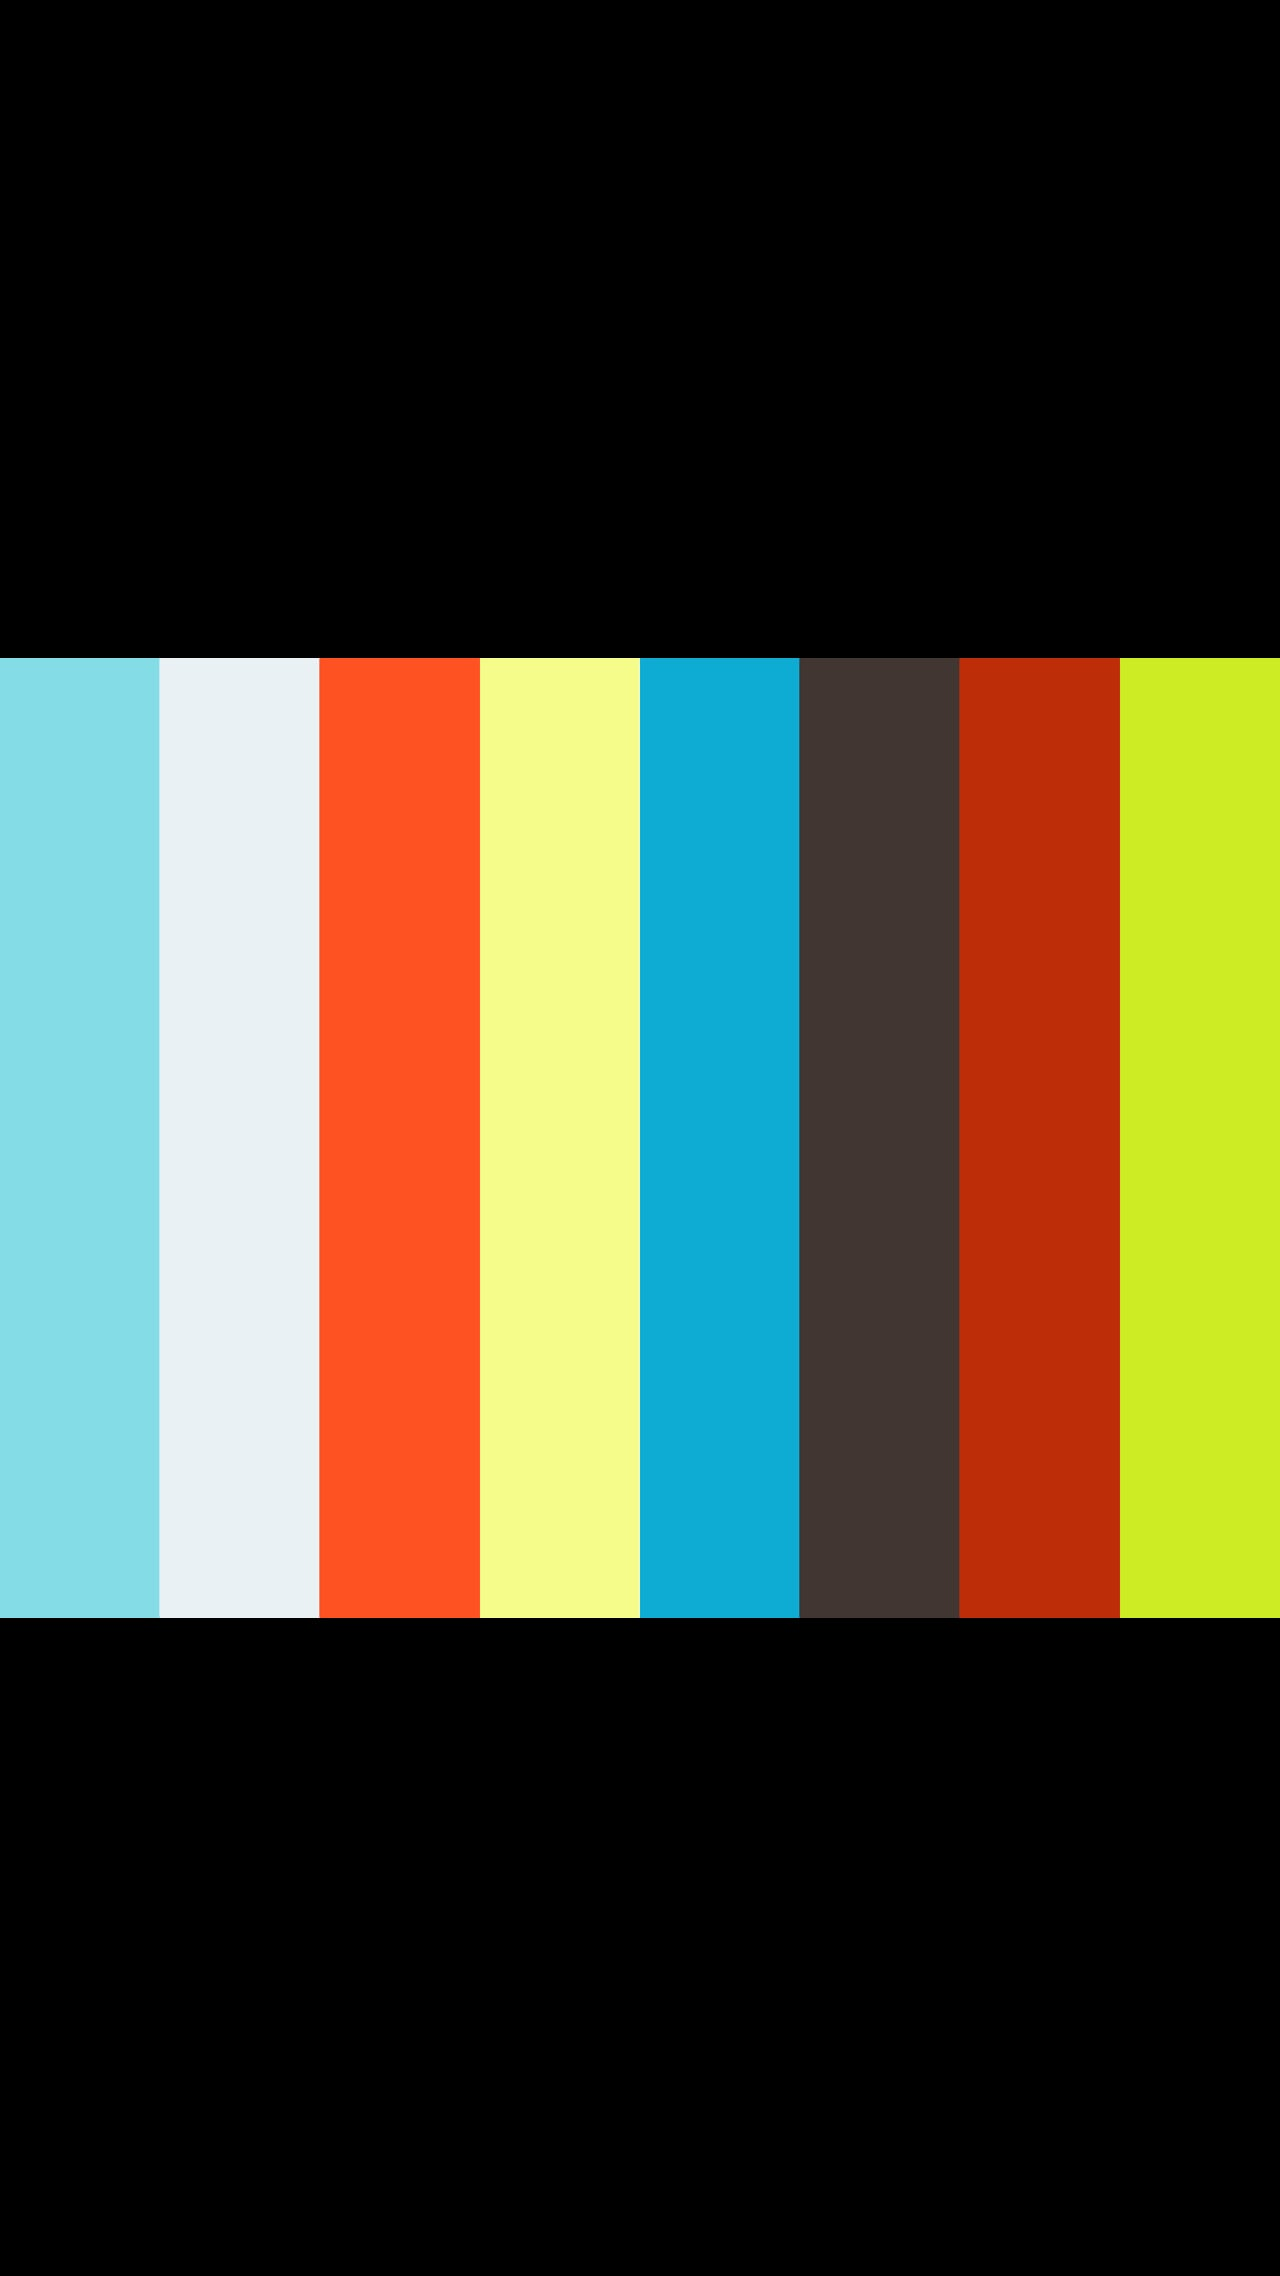 ScreenRecord_2017-07-07-14-19-59